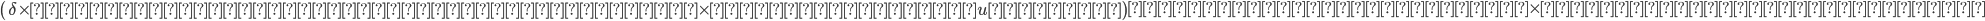 \displaystyle \left(\delta \times 次の層のユニットの関係する重み \times 自ユニットの u の微分 \right) を足し合わせたもの \times 更新する重みへの入力